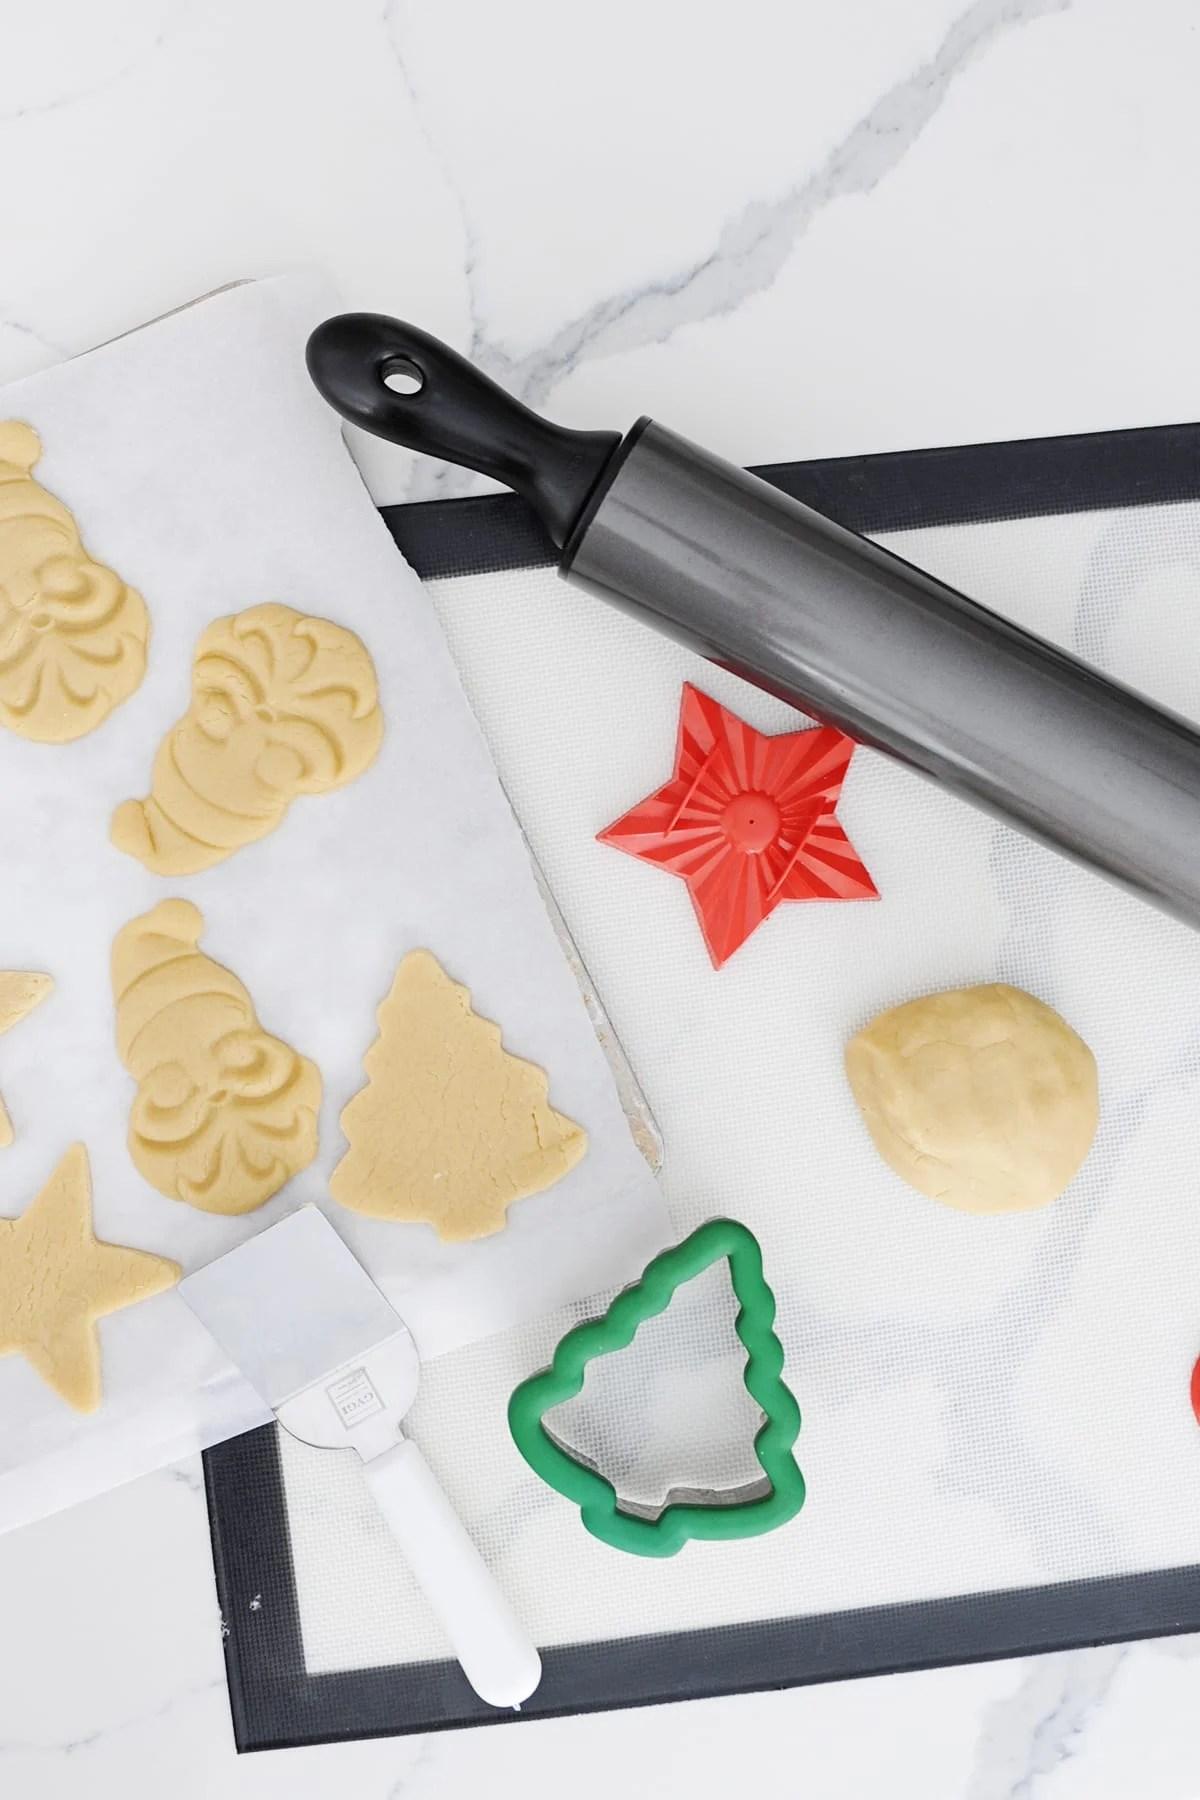 Best sugar cookie dough recipe